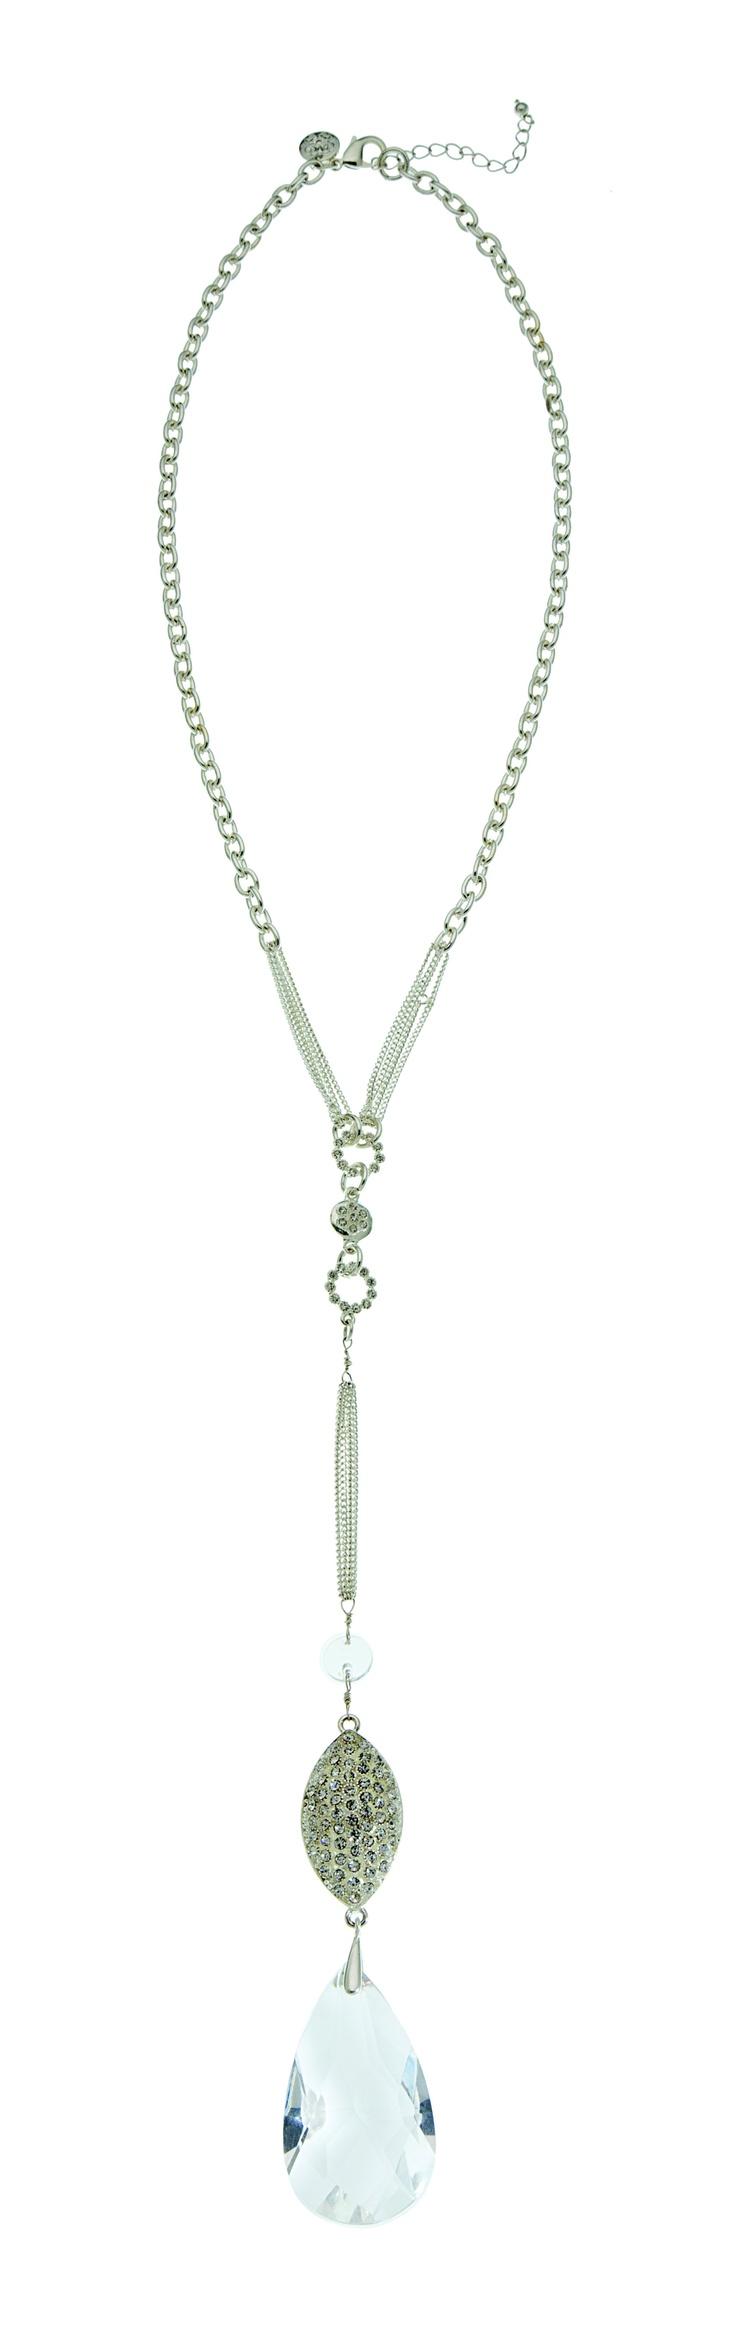 The Grace Adele Bauble Teardrop Necklace